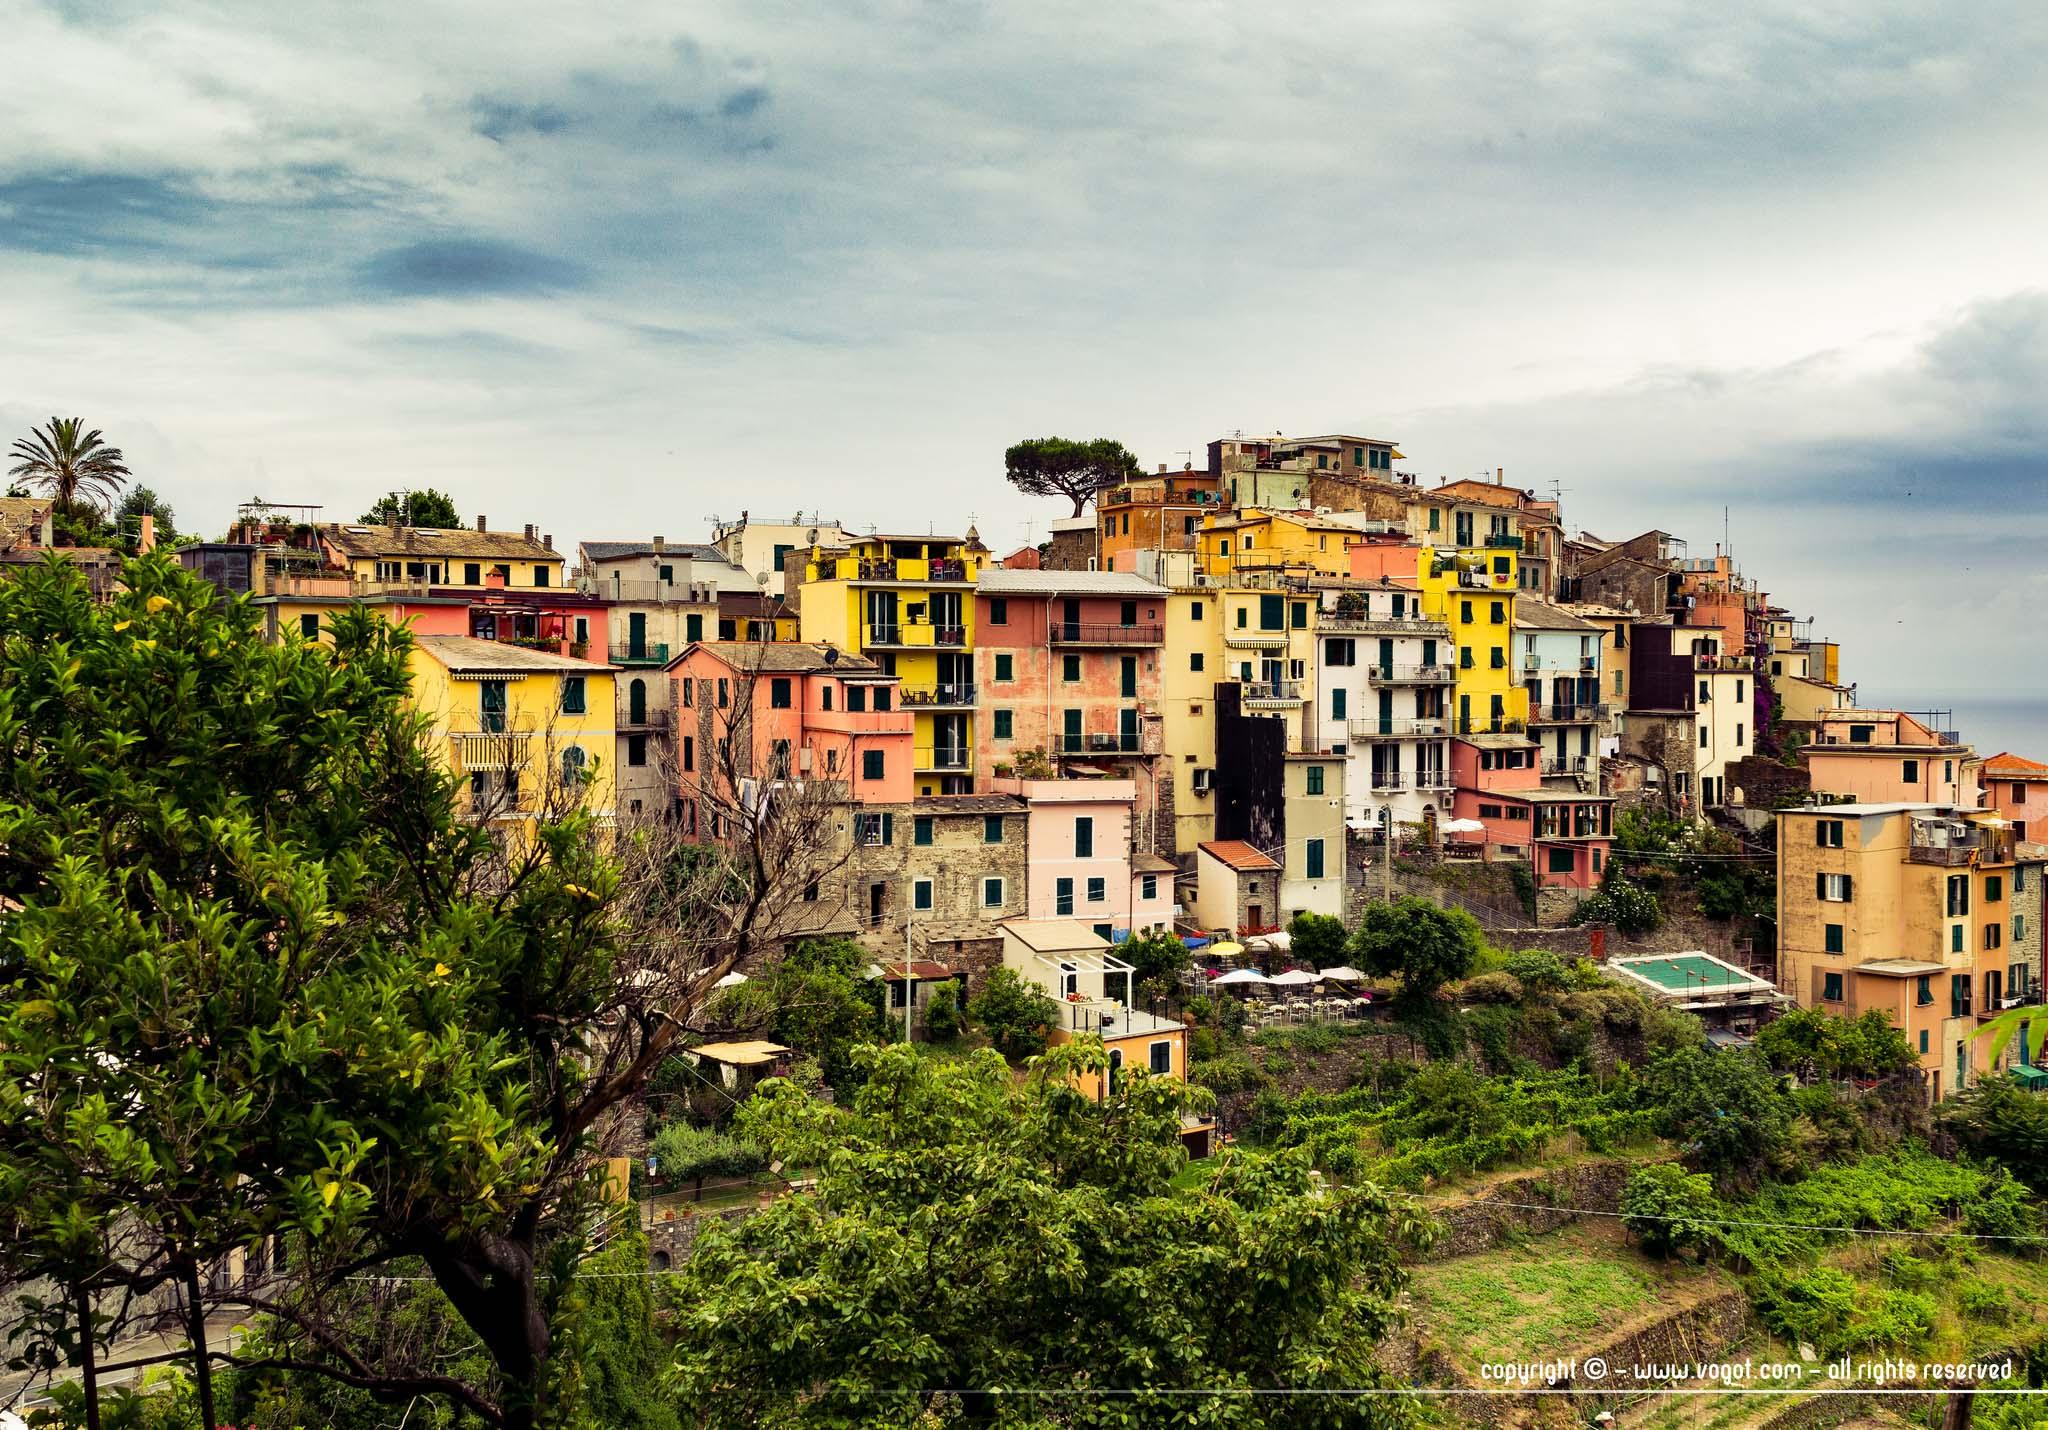 Le village très coloré de Corniglia